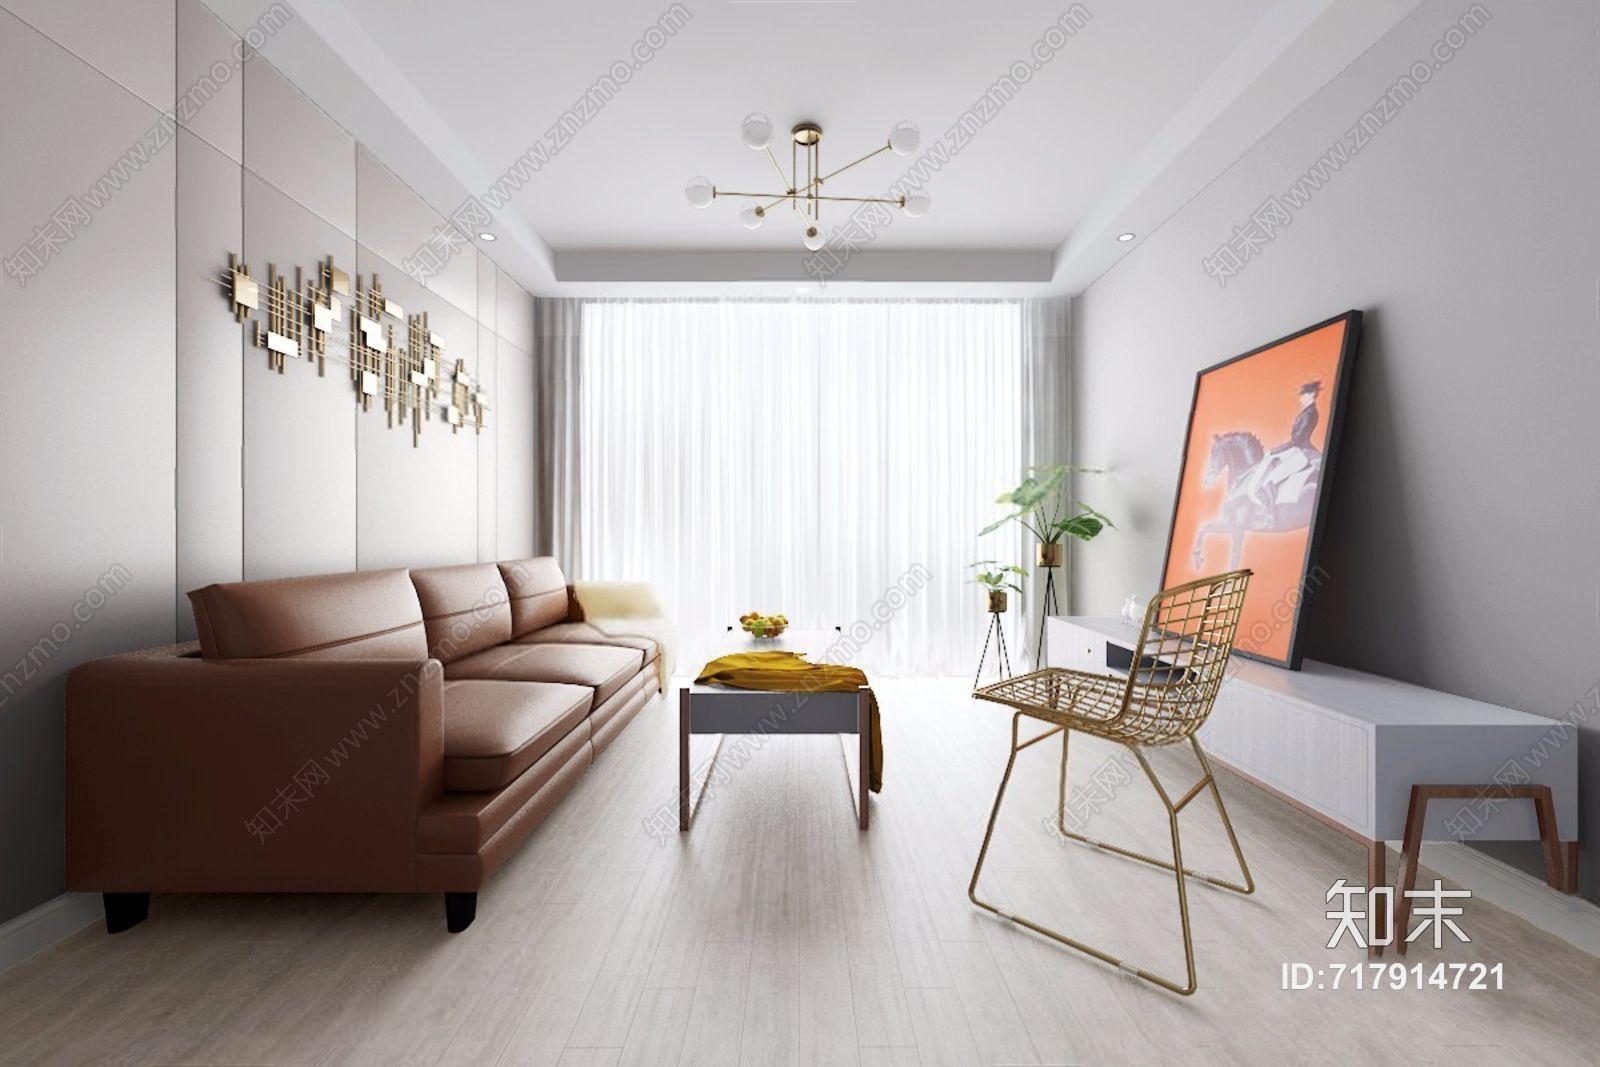 鸿鹄设计 现代客厅 现代客厅 多人沙发 茶几 电视柜 金属椅子 吊灯 金属墙饰 皮质沙发 挂画 鸿鹄设计